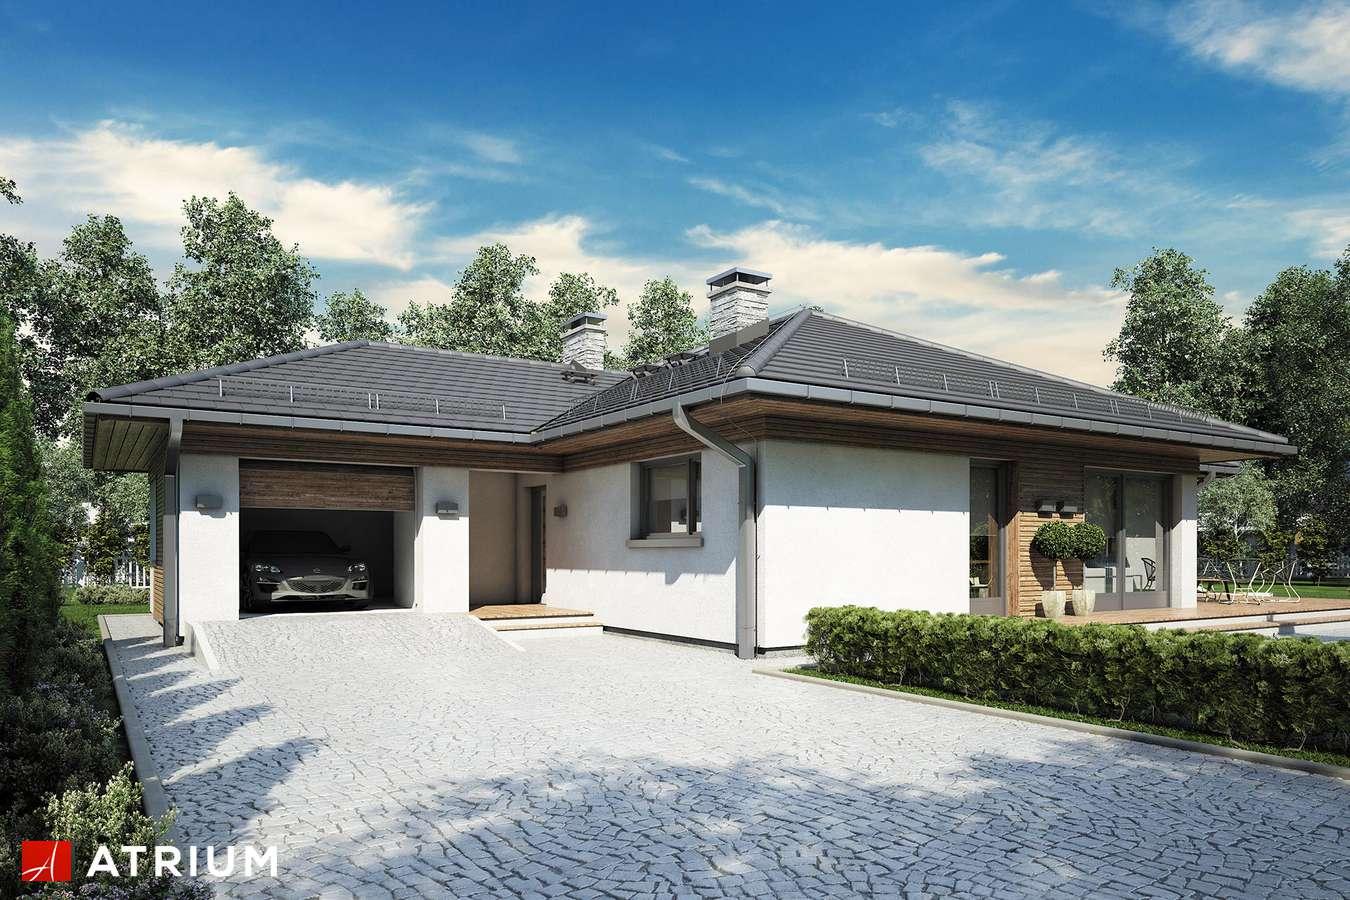 Projekty domów - Projekt domu parterowego MERIDA - wizualizacja 1 - wersja lustrzana